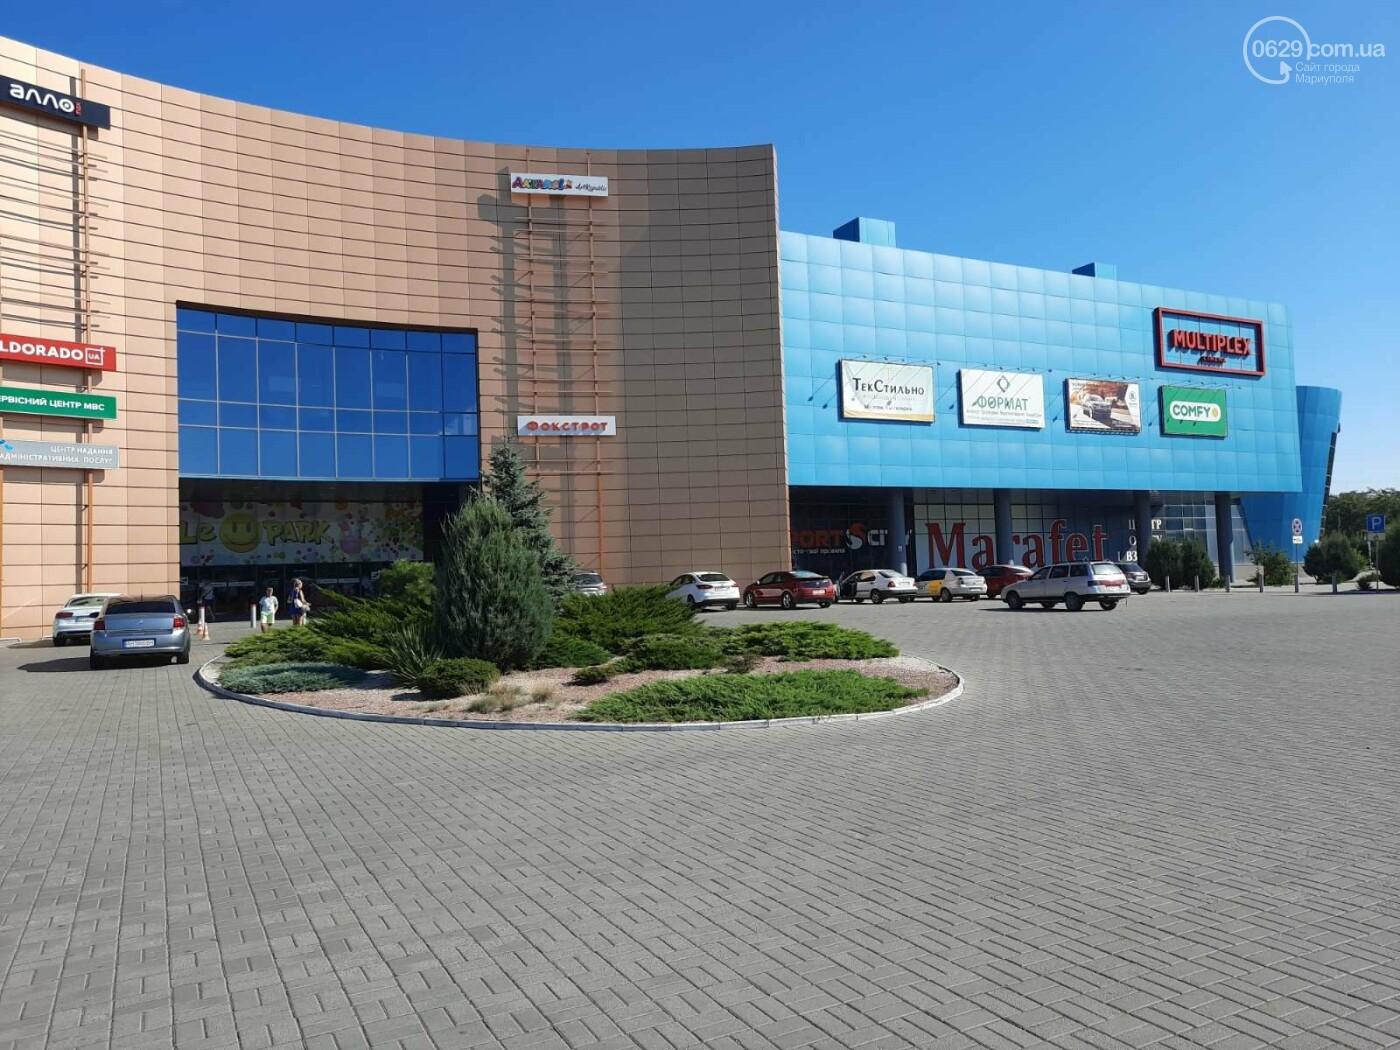 Вниманию автолюбителей! В Мариуполе появился терминал для покупки автозапчастей., фото-8